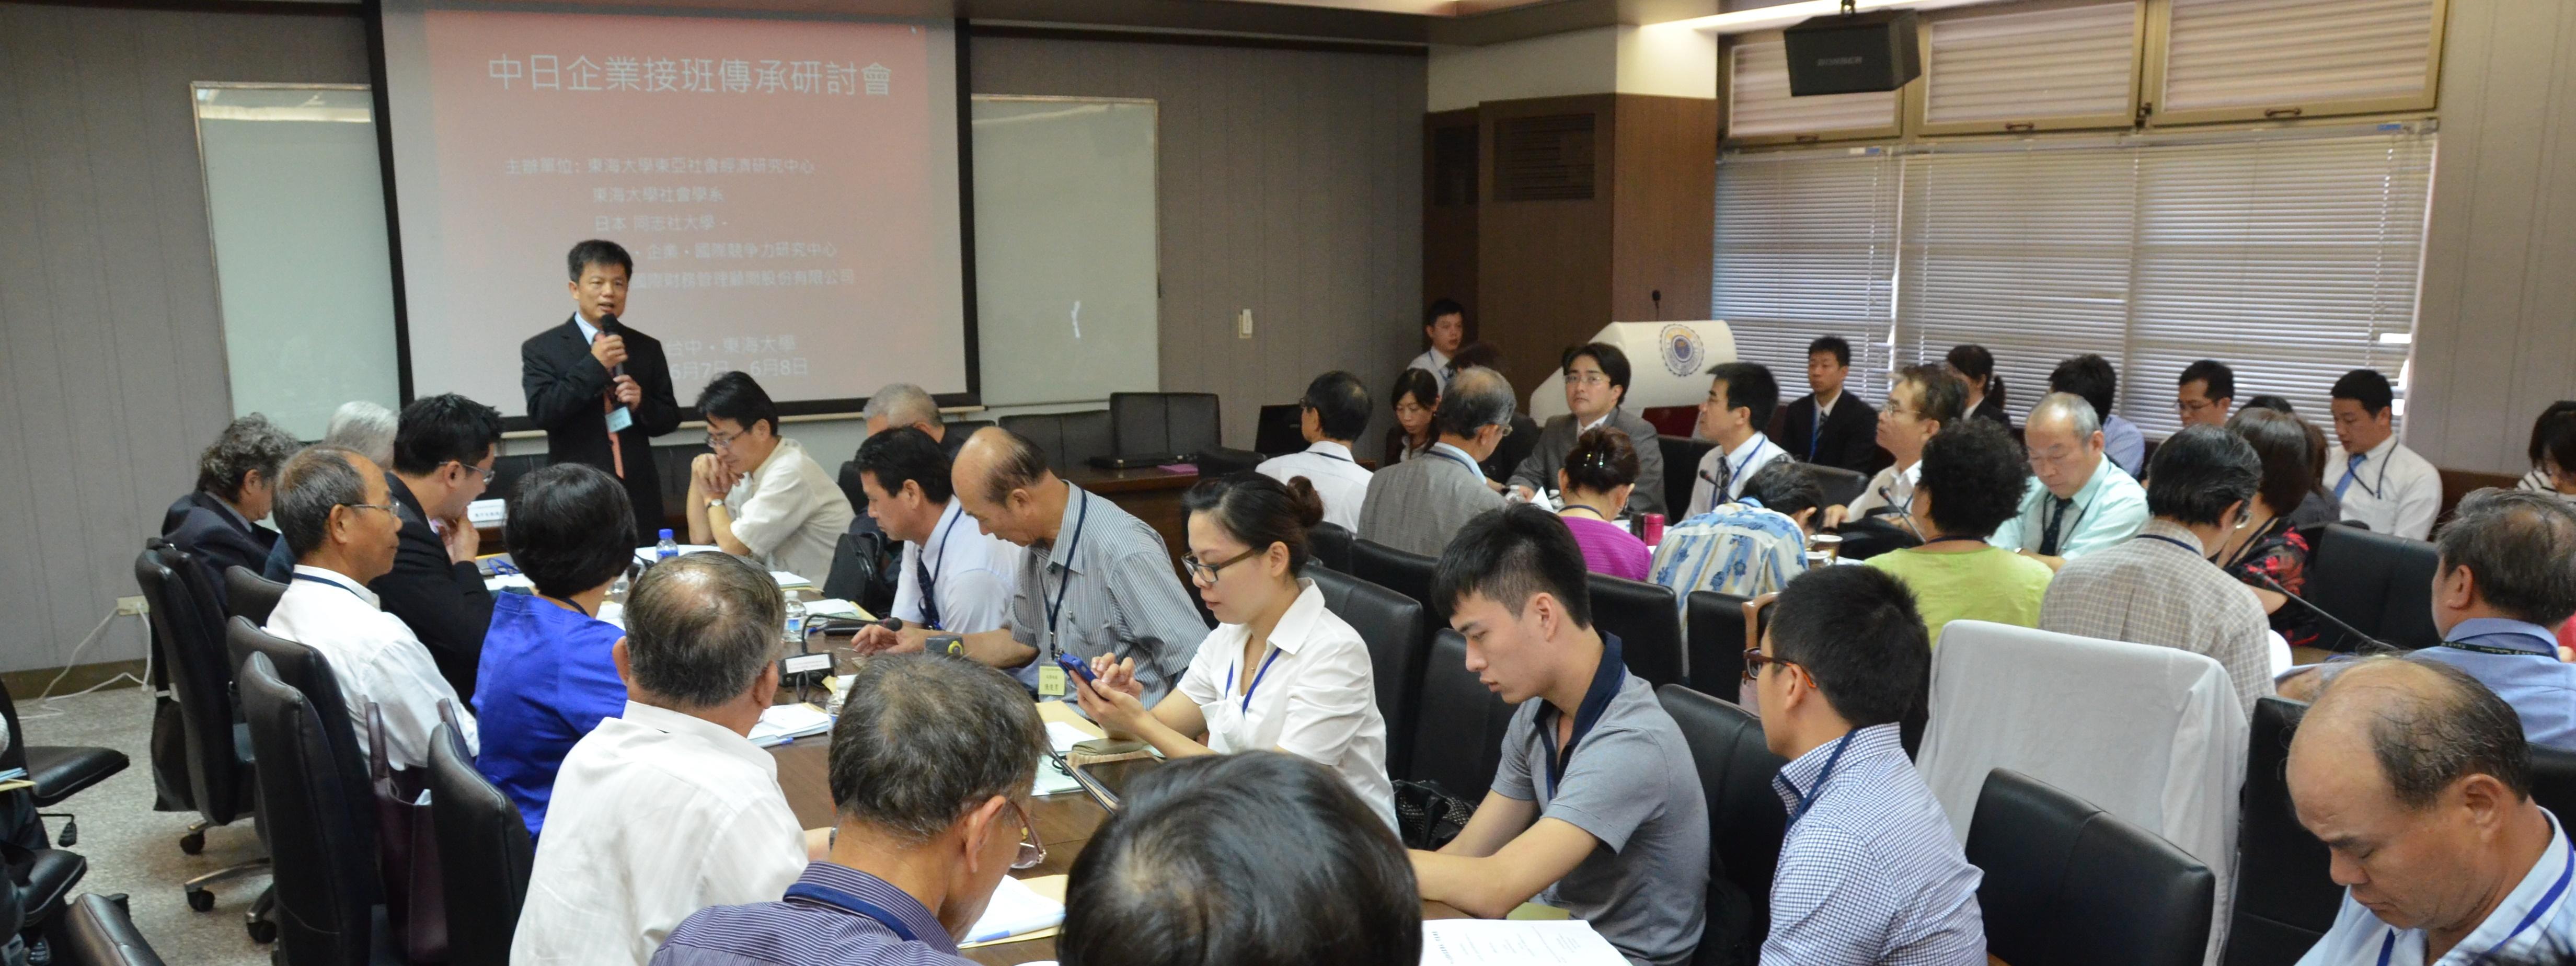 第一屆中日企業接班傳承研討會